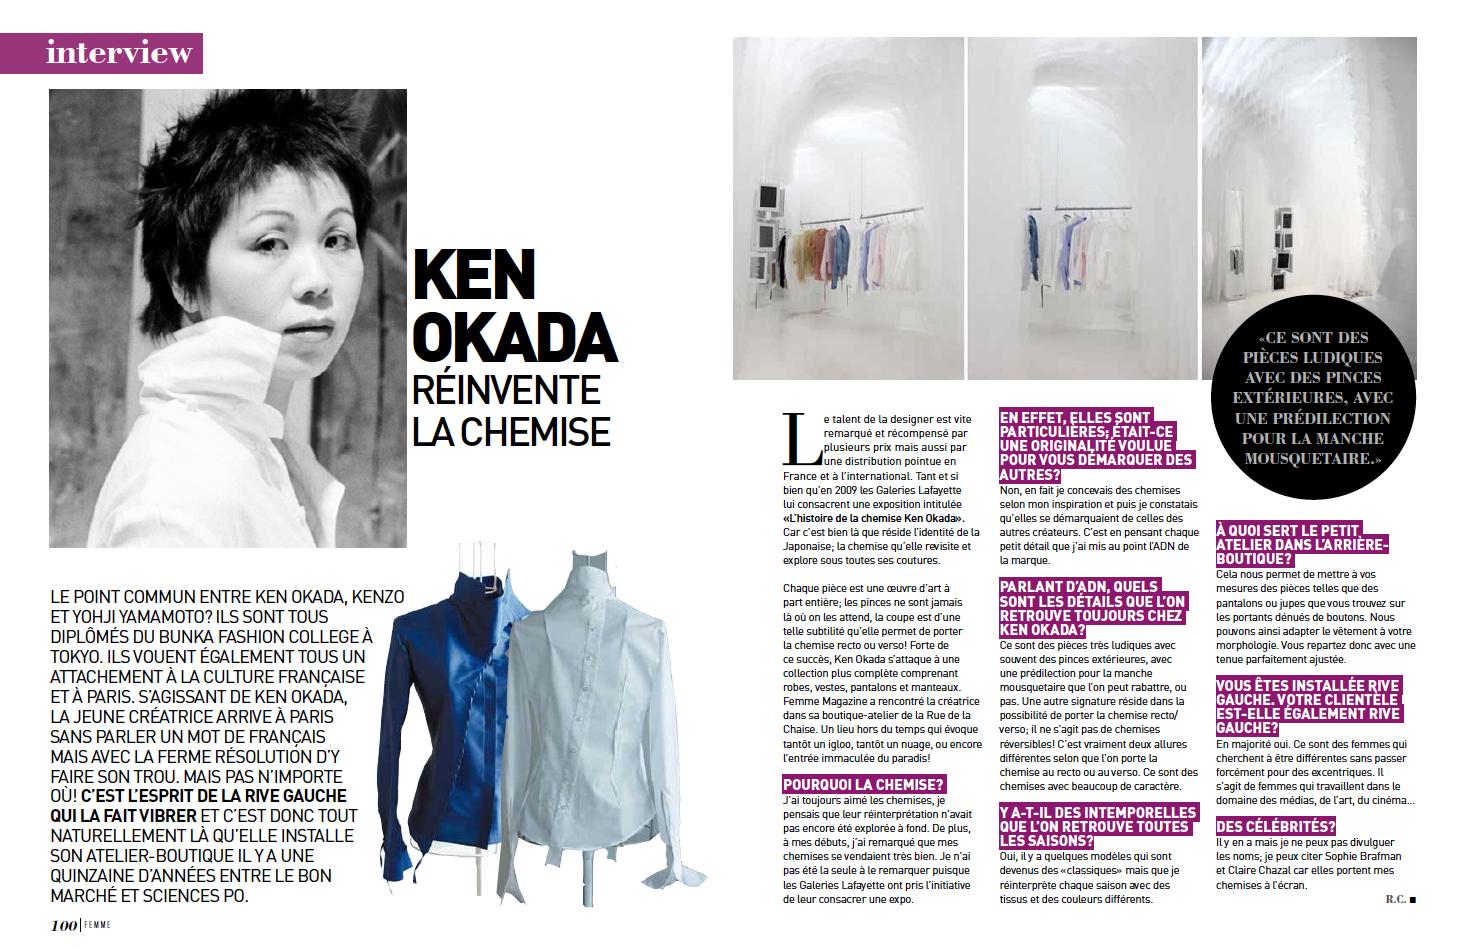 Parution : Présentation de la marque Ken Okada - Femme magasine 2016